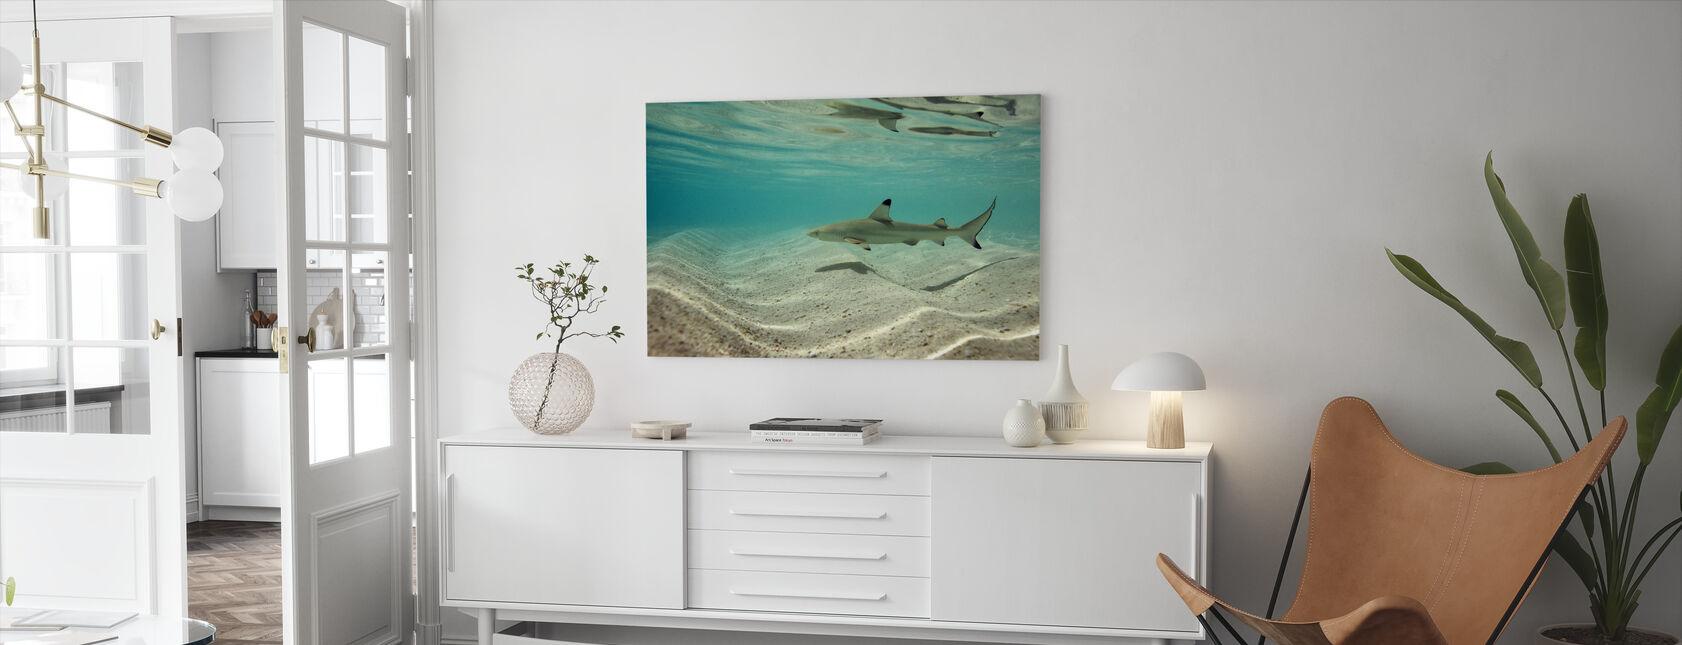 Svartspets Reef Shark - Canvastavla - Vardagsrum